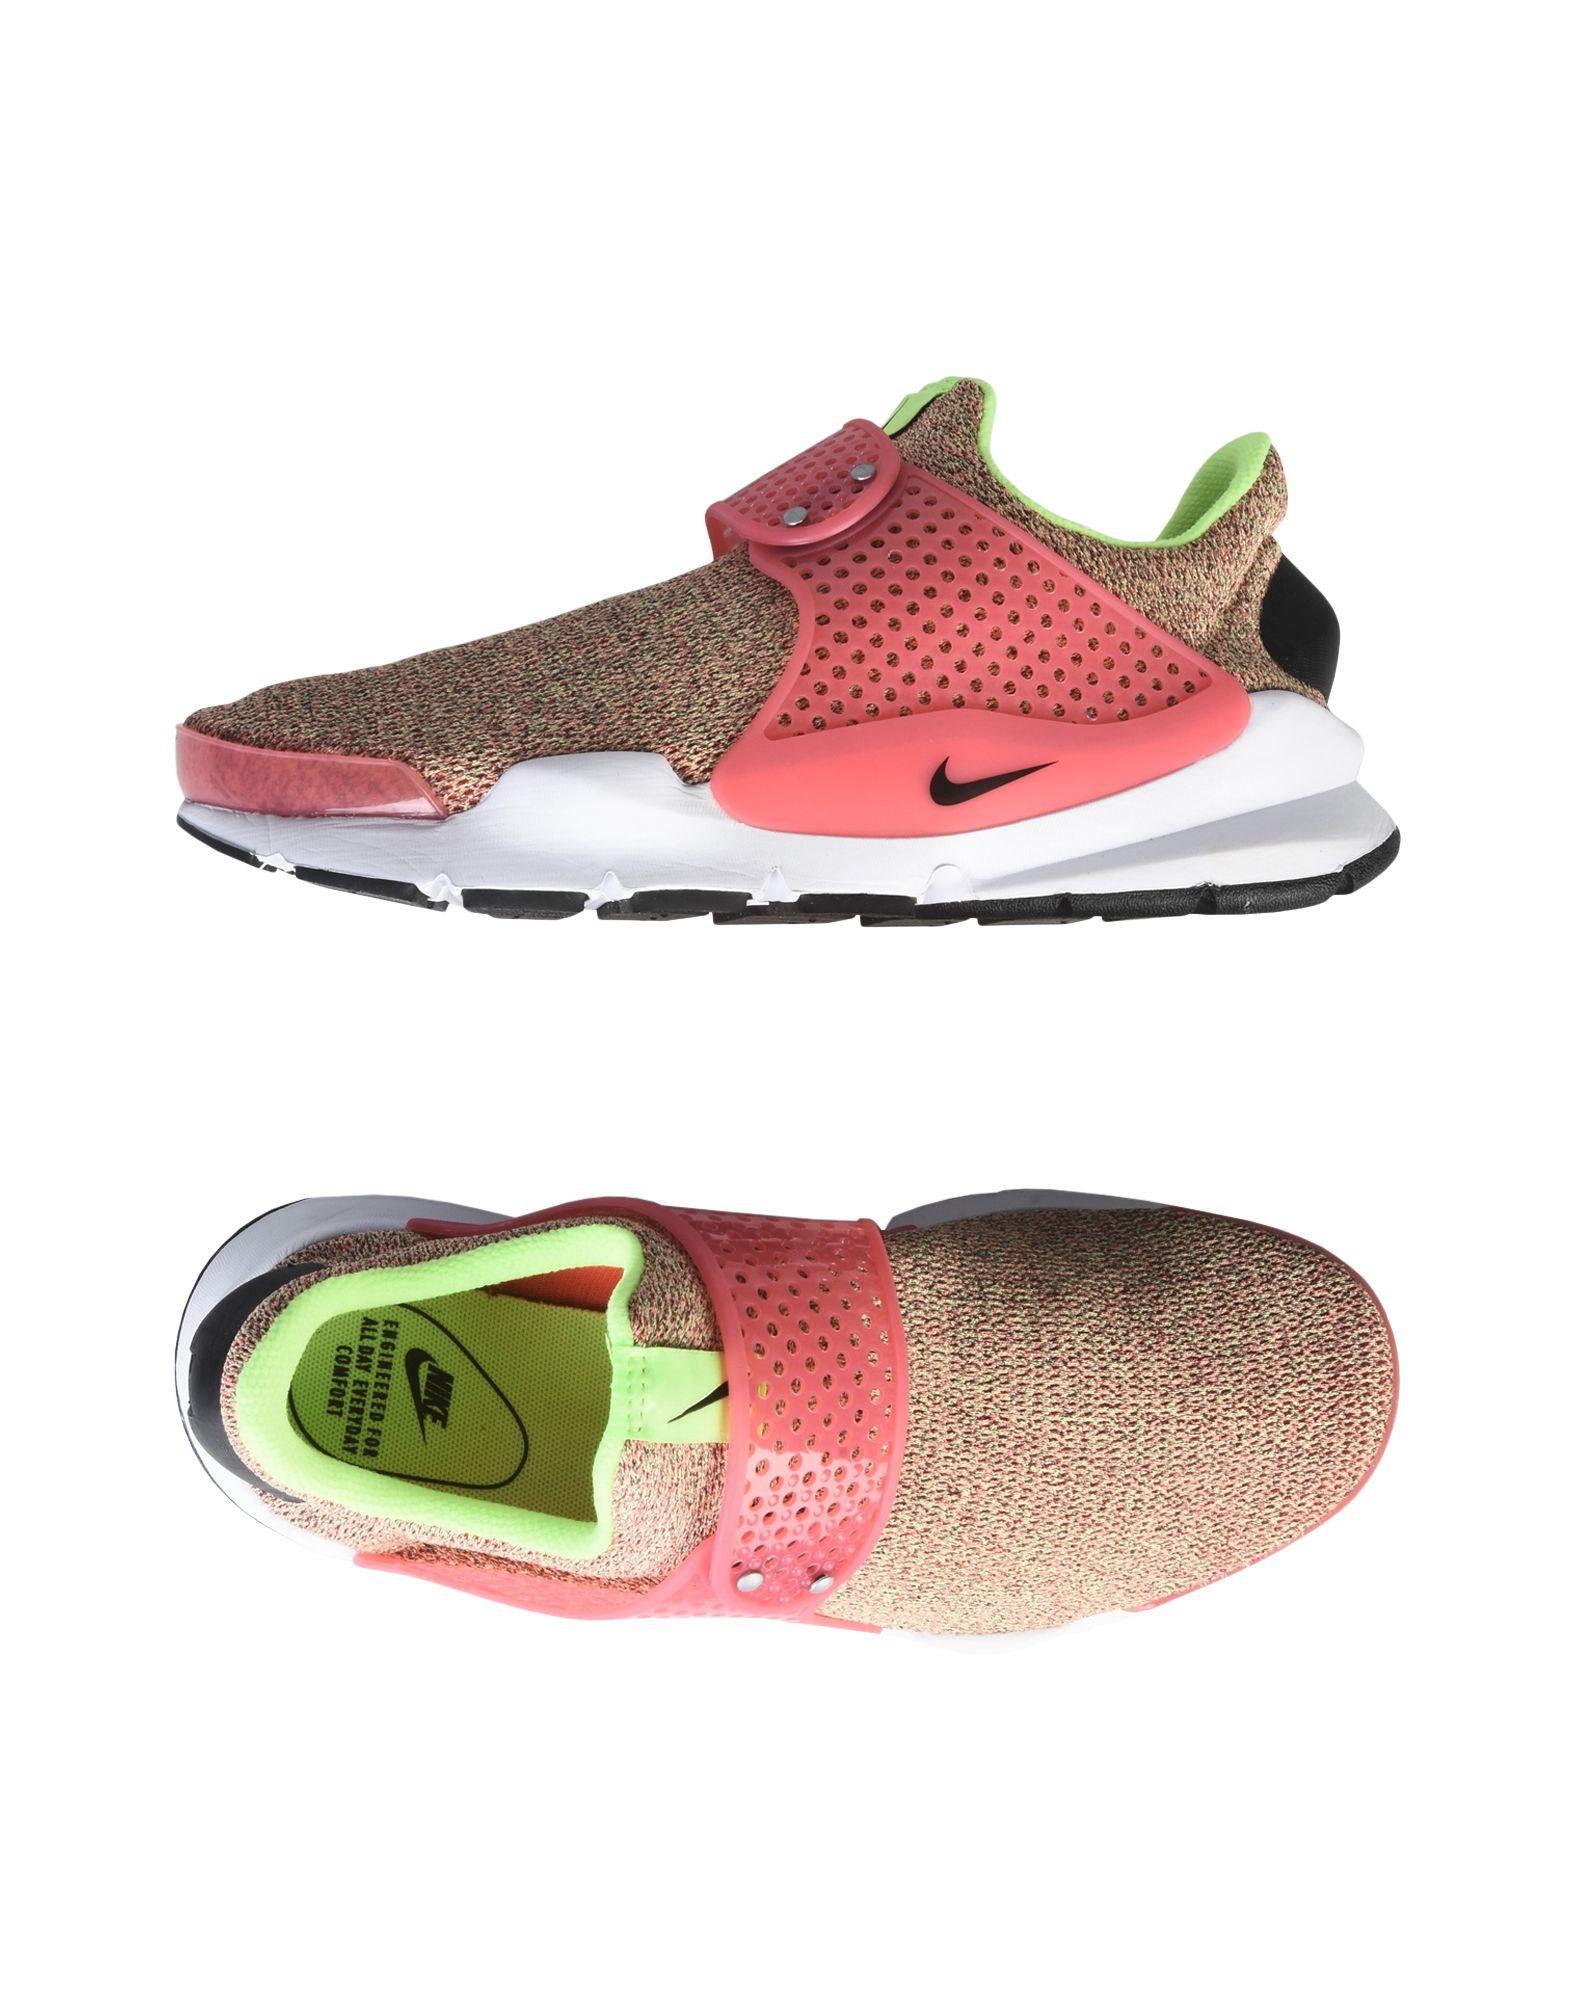 NIKE Damen Low Sneakers & Tennisschuhe Farbe Altrosa Größe 7 jetztbilligerkaufen